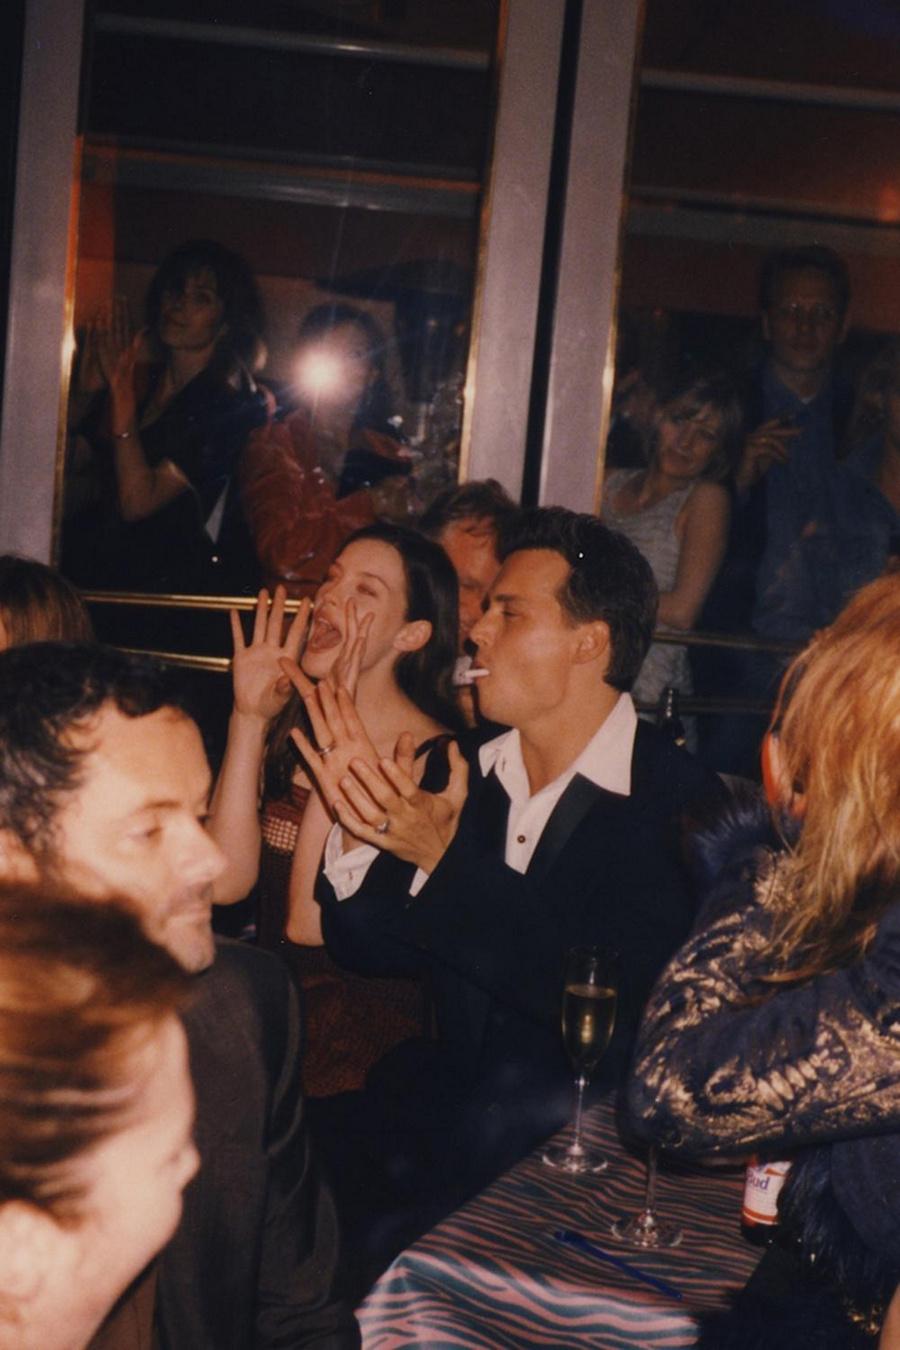 Фотографии знаменитостей из личного фотоальбома Майкла Уайта 45